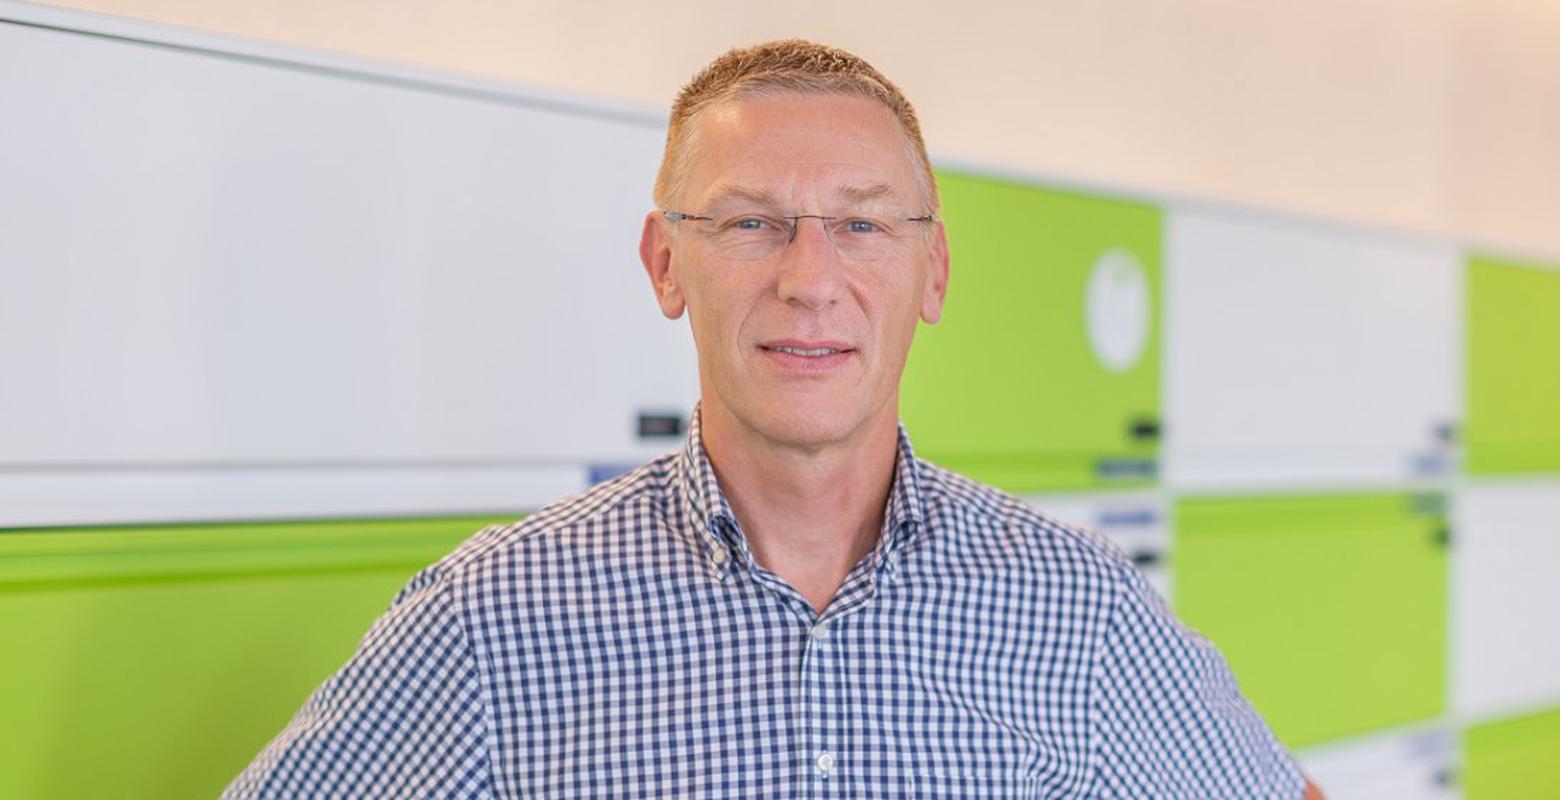 SmartIT-Referenz-BLS-Roger-Bühlmann